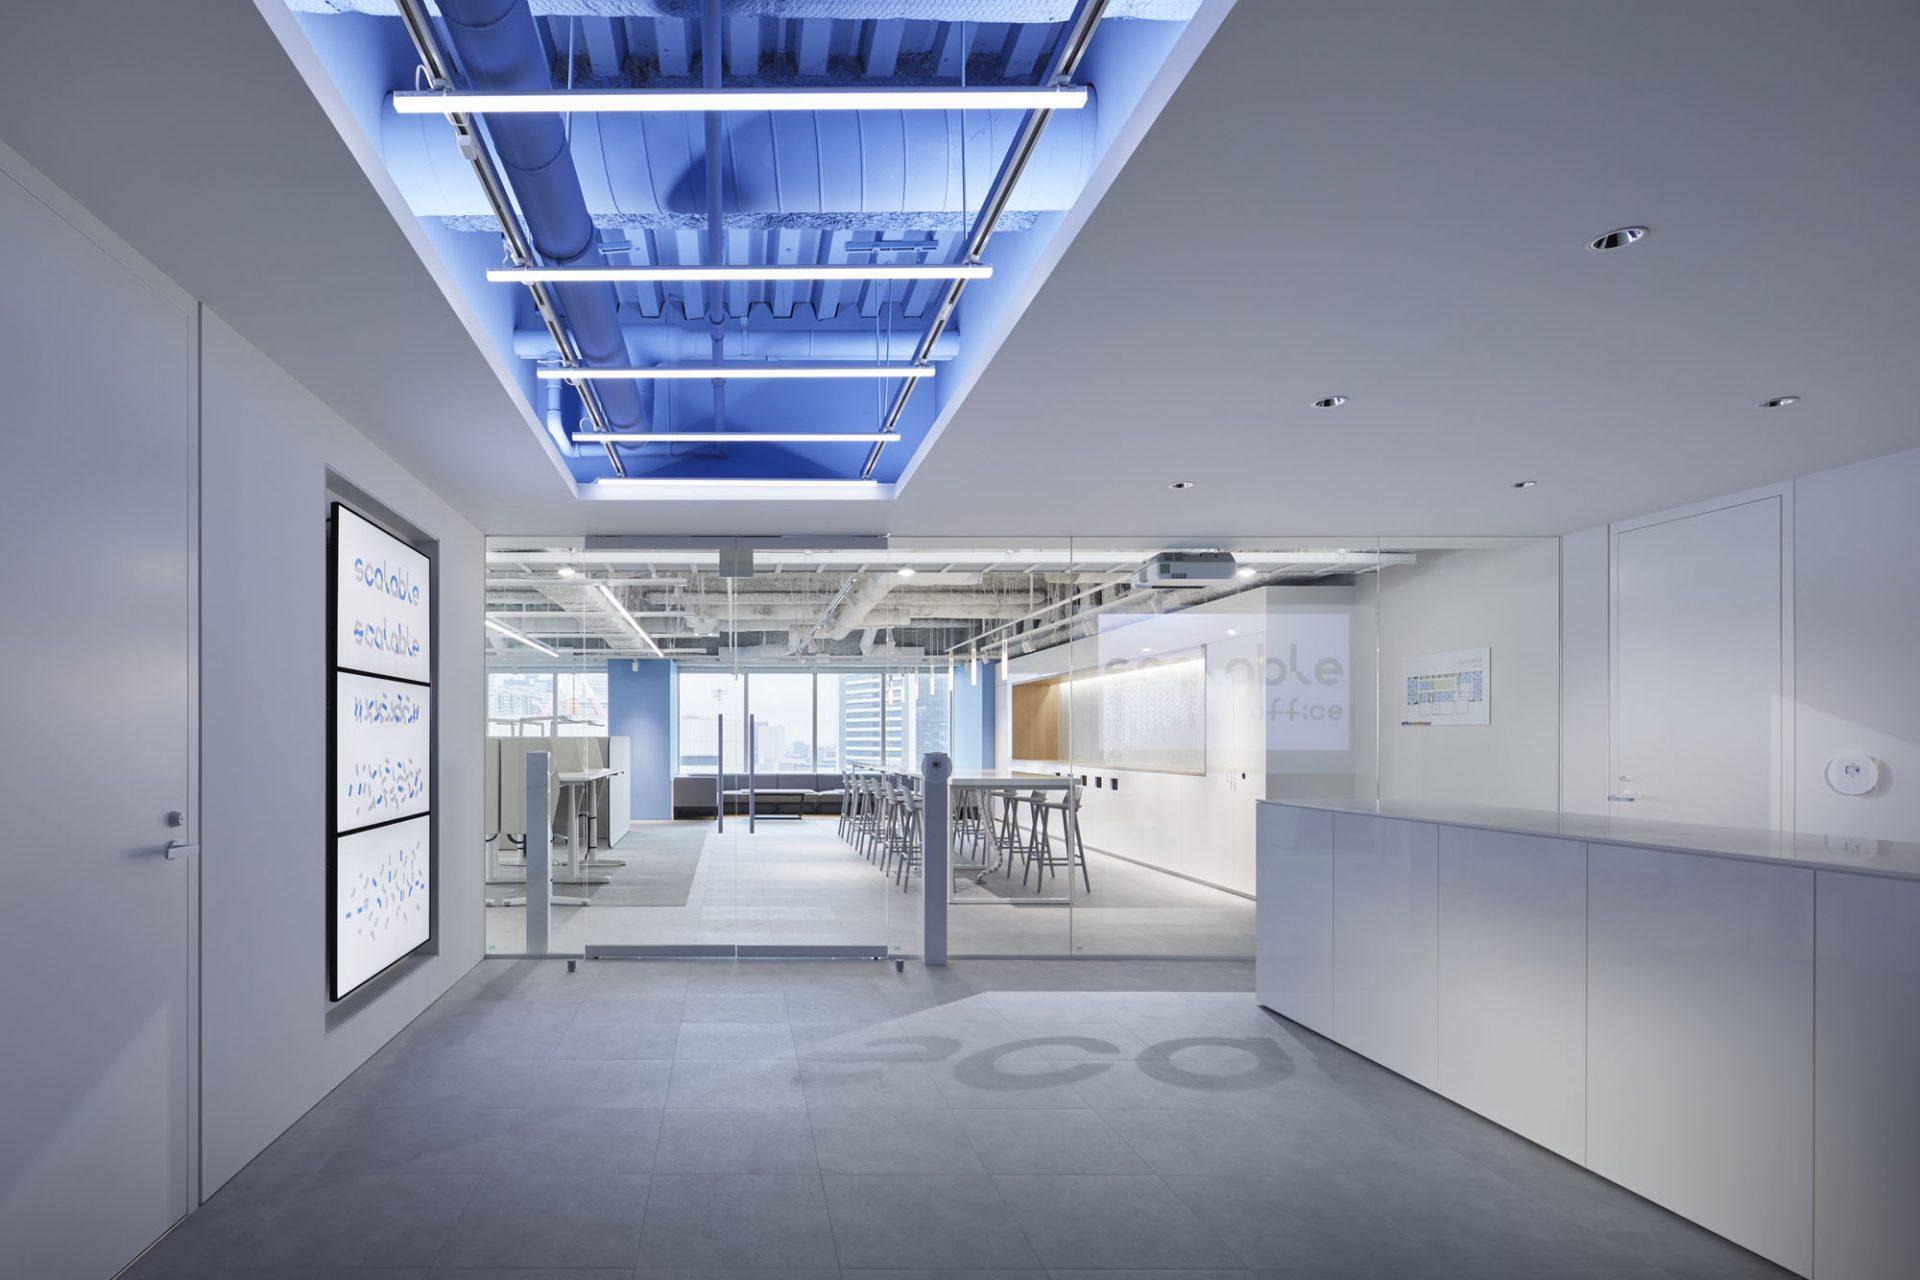 スケーラブルオフィスにテナントワーカー様向け体験コーナーを設置1